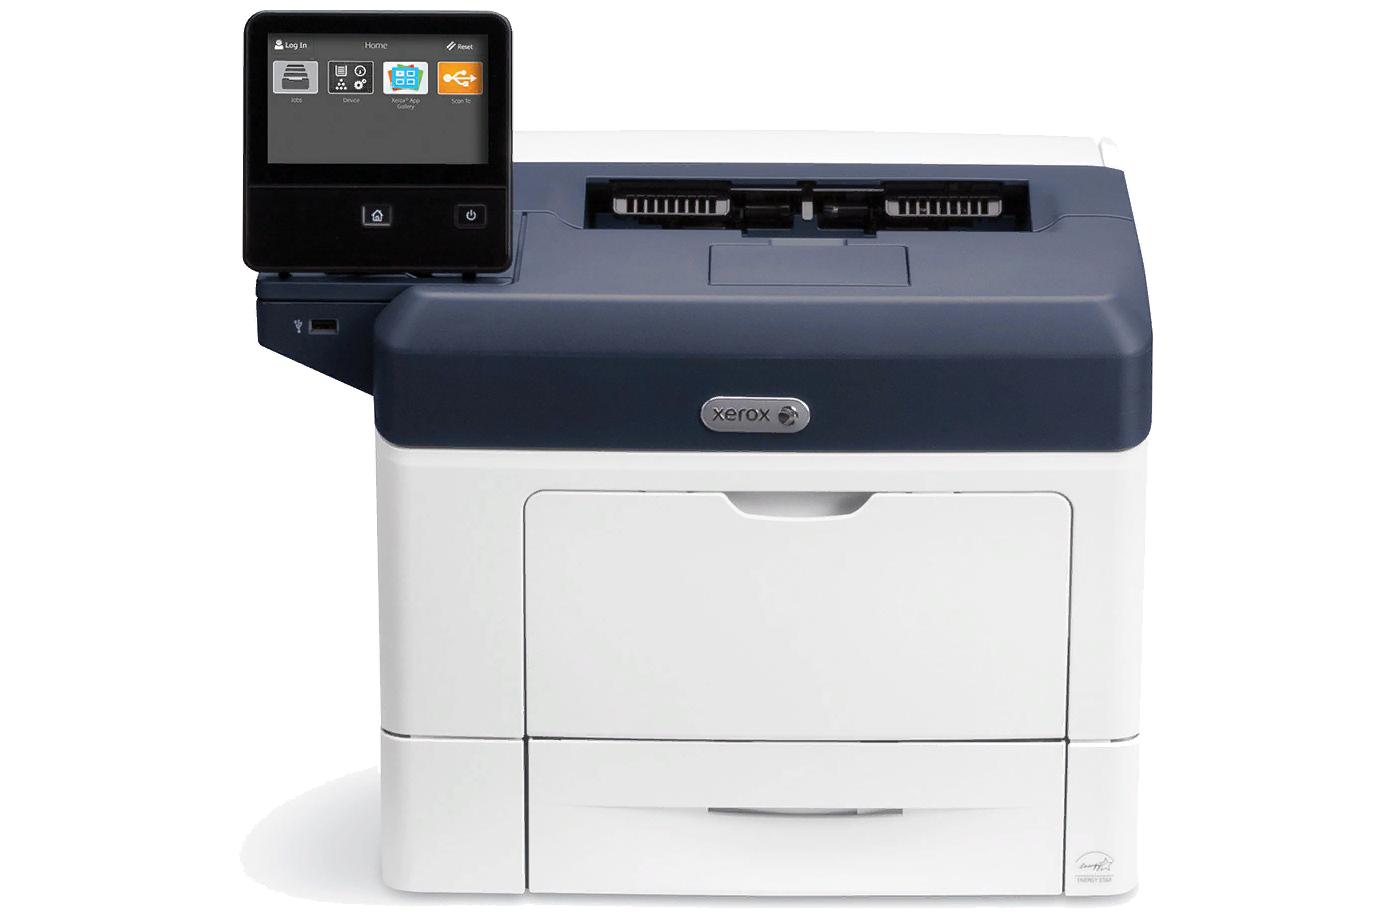 Рис. 2. Xerox VersaLink B400DN – быстрый принтер с большим цветным дисплеем.